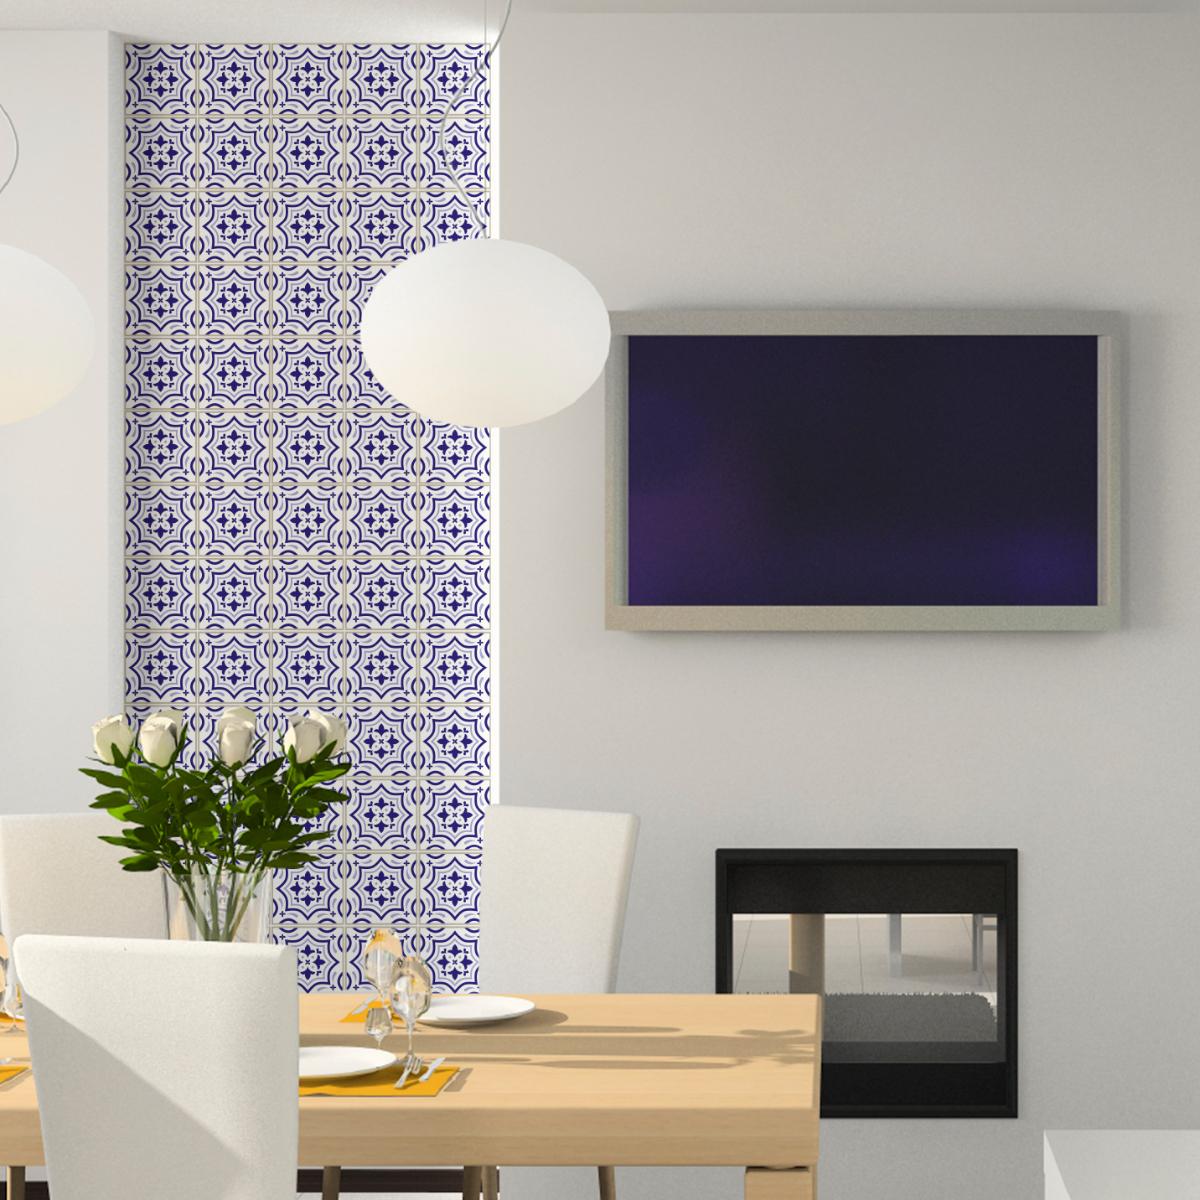 60 stickers carreaux de ciment azulejos urraca salle de bain et wc salle de bain ambiance. Black Bedroom Furniture Sets. Home Design Ideas